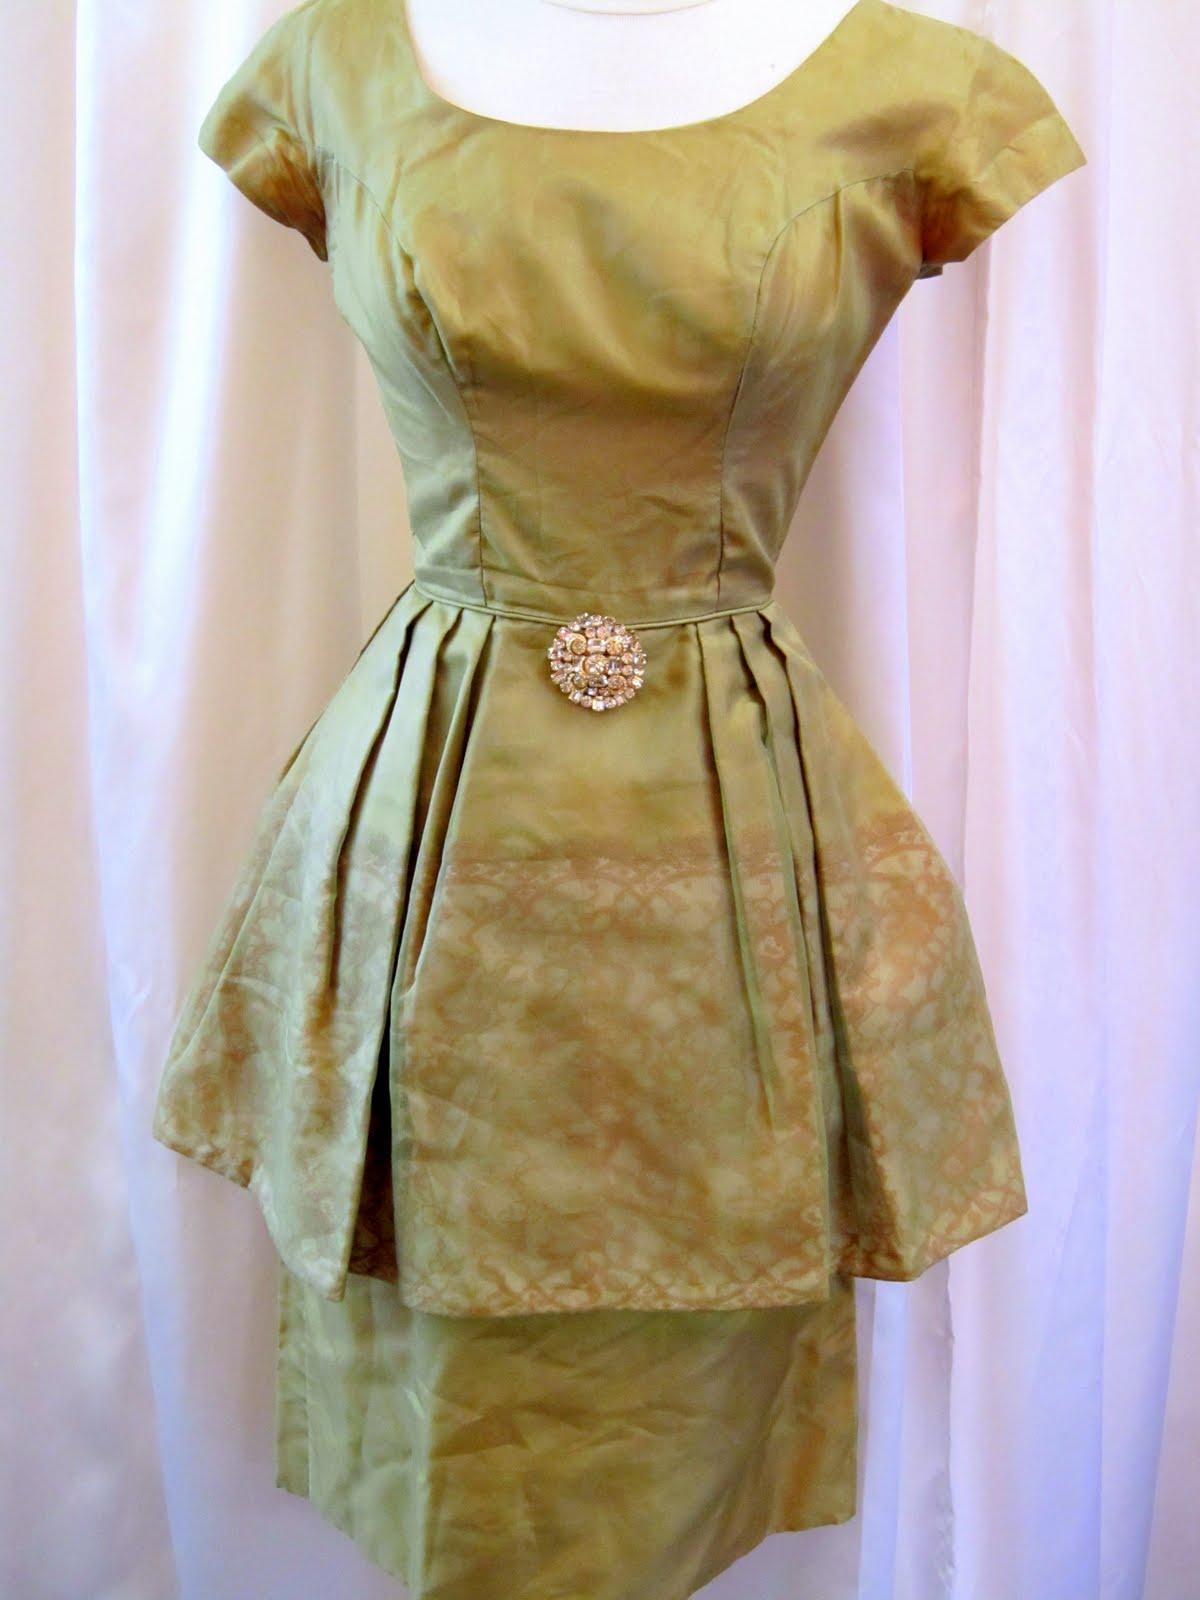 Dirty Fabulous: Glamorous vintage cocktail dresses...ooh la la!